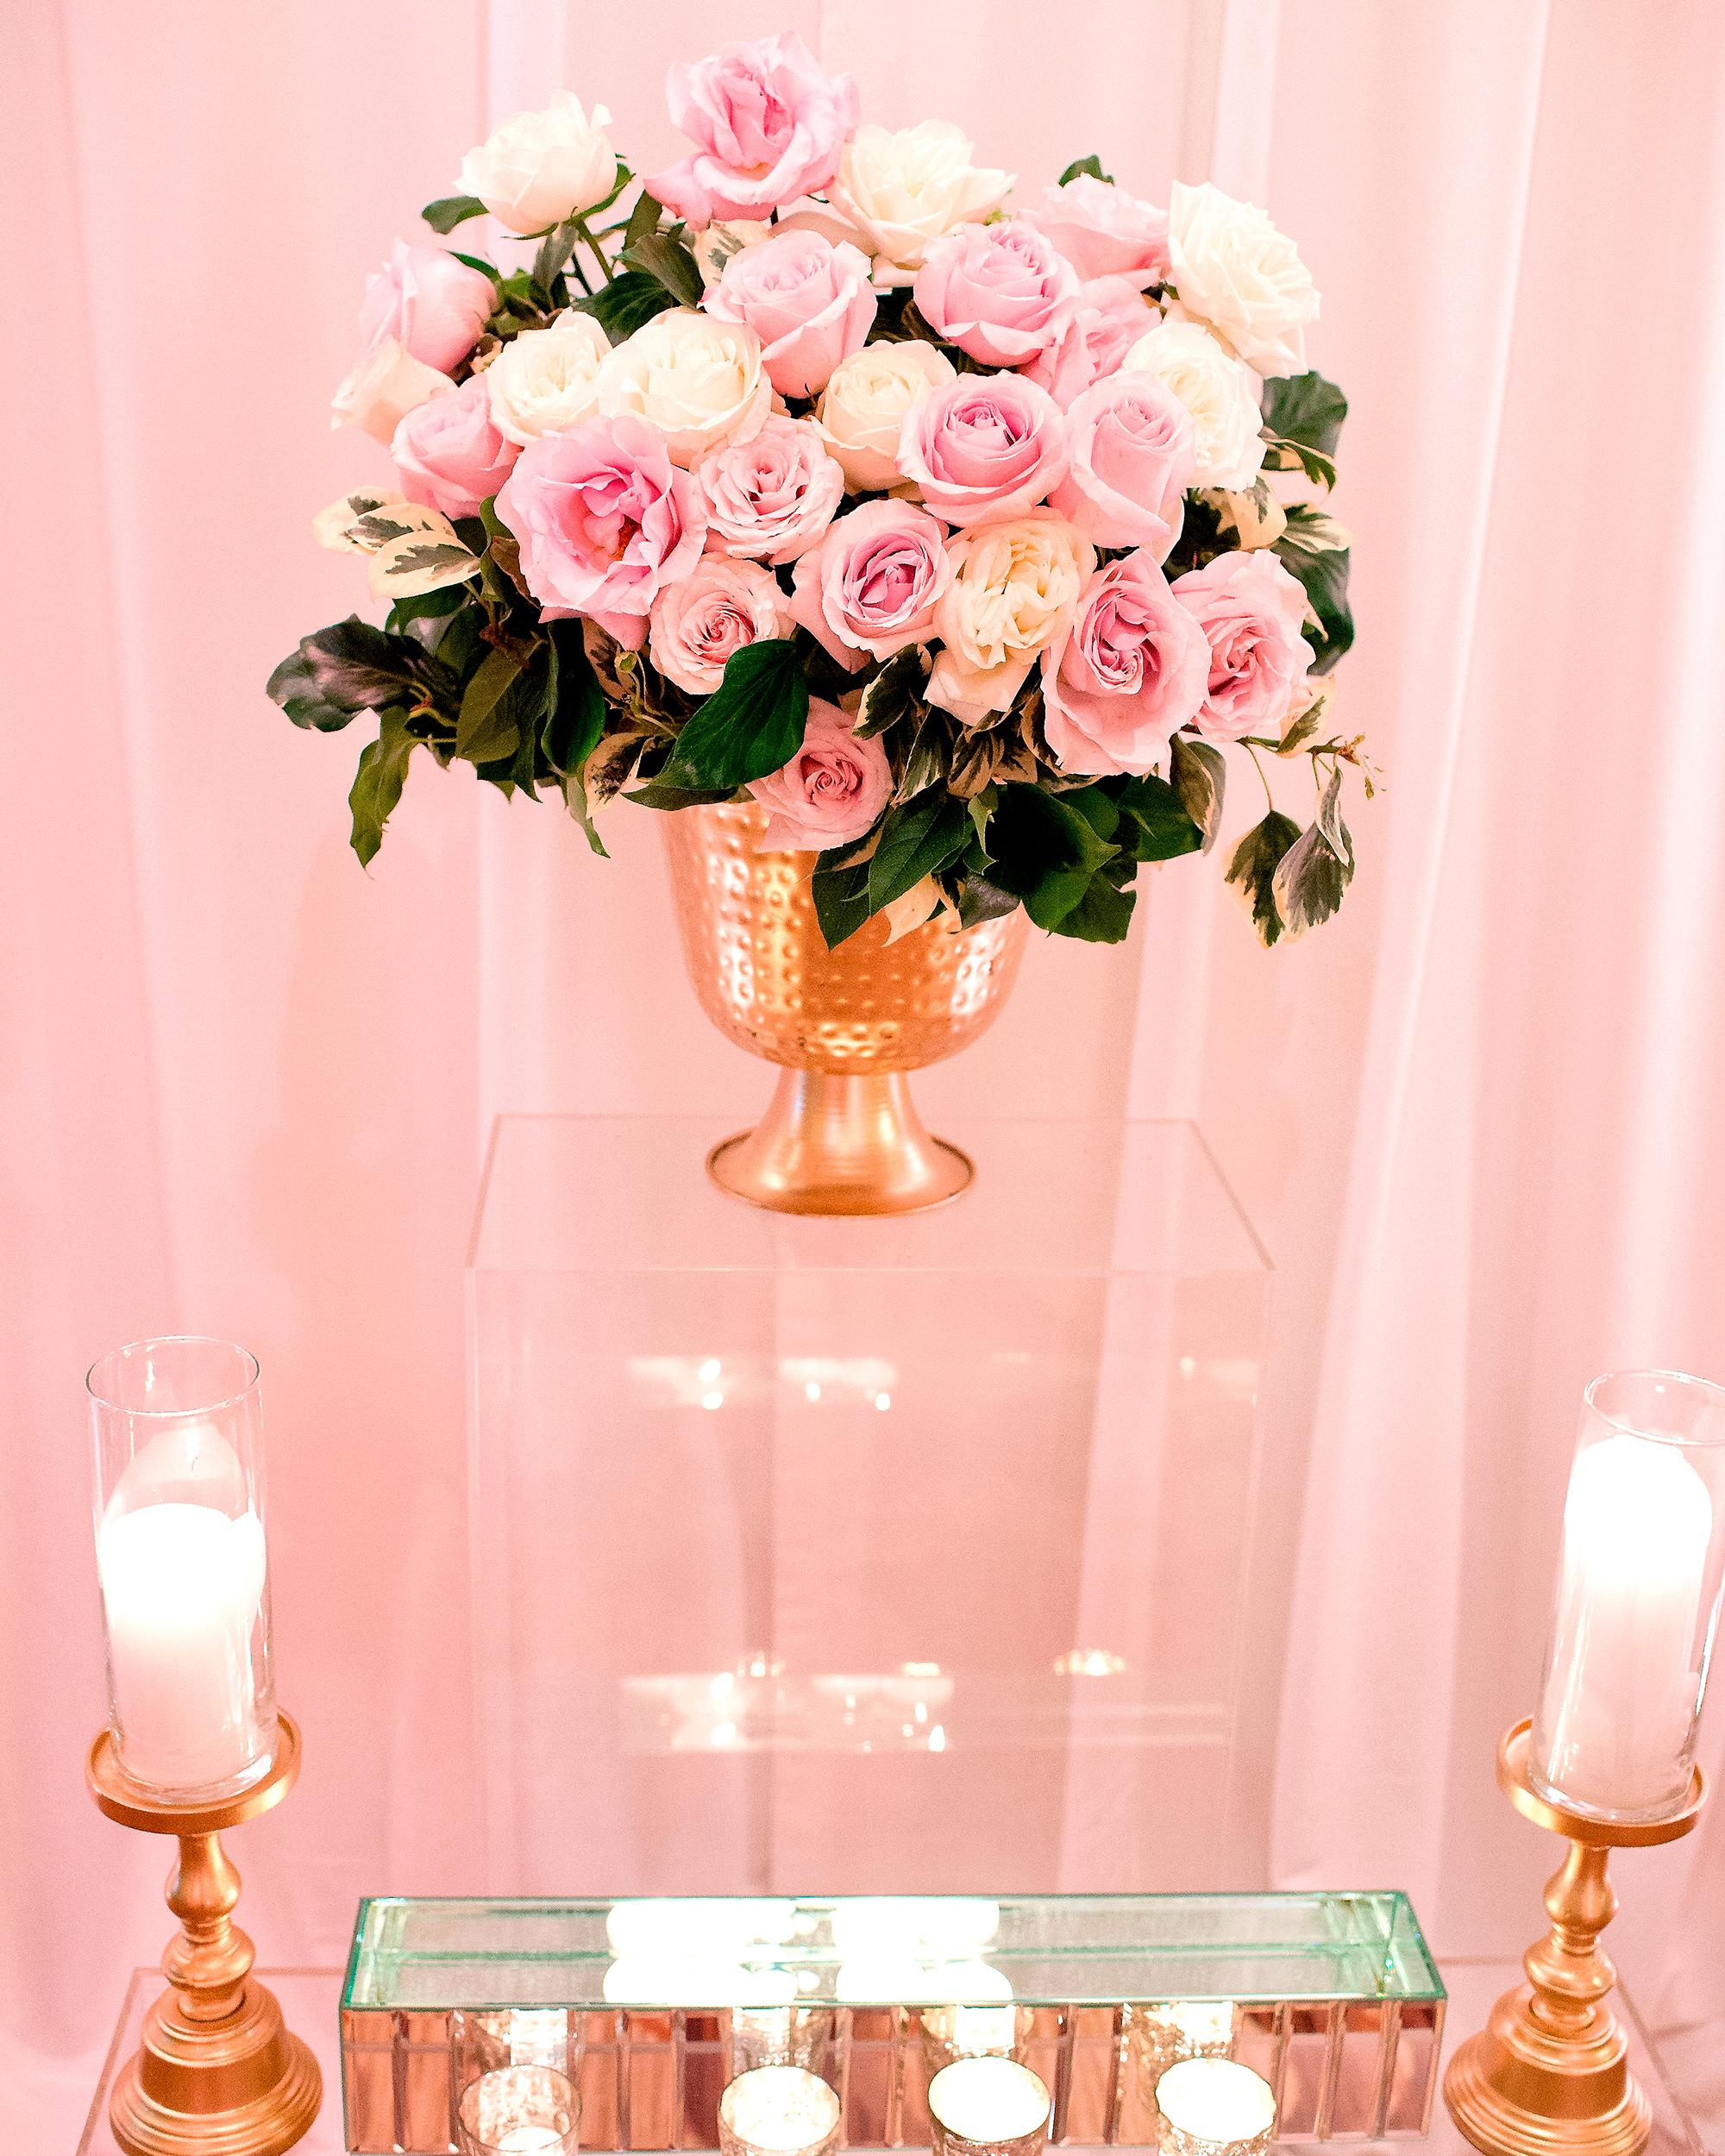 msw-chicago-party15-005-pink-flower-centerpiece-0315.jpg